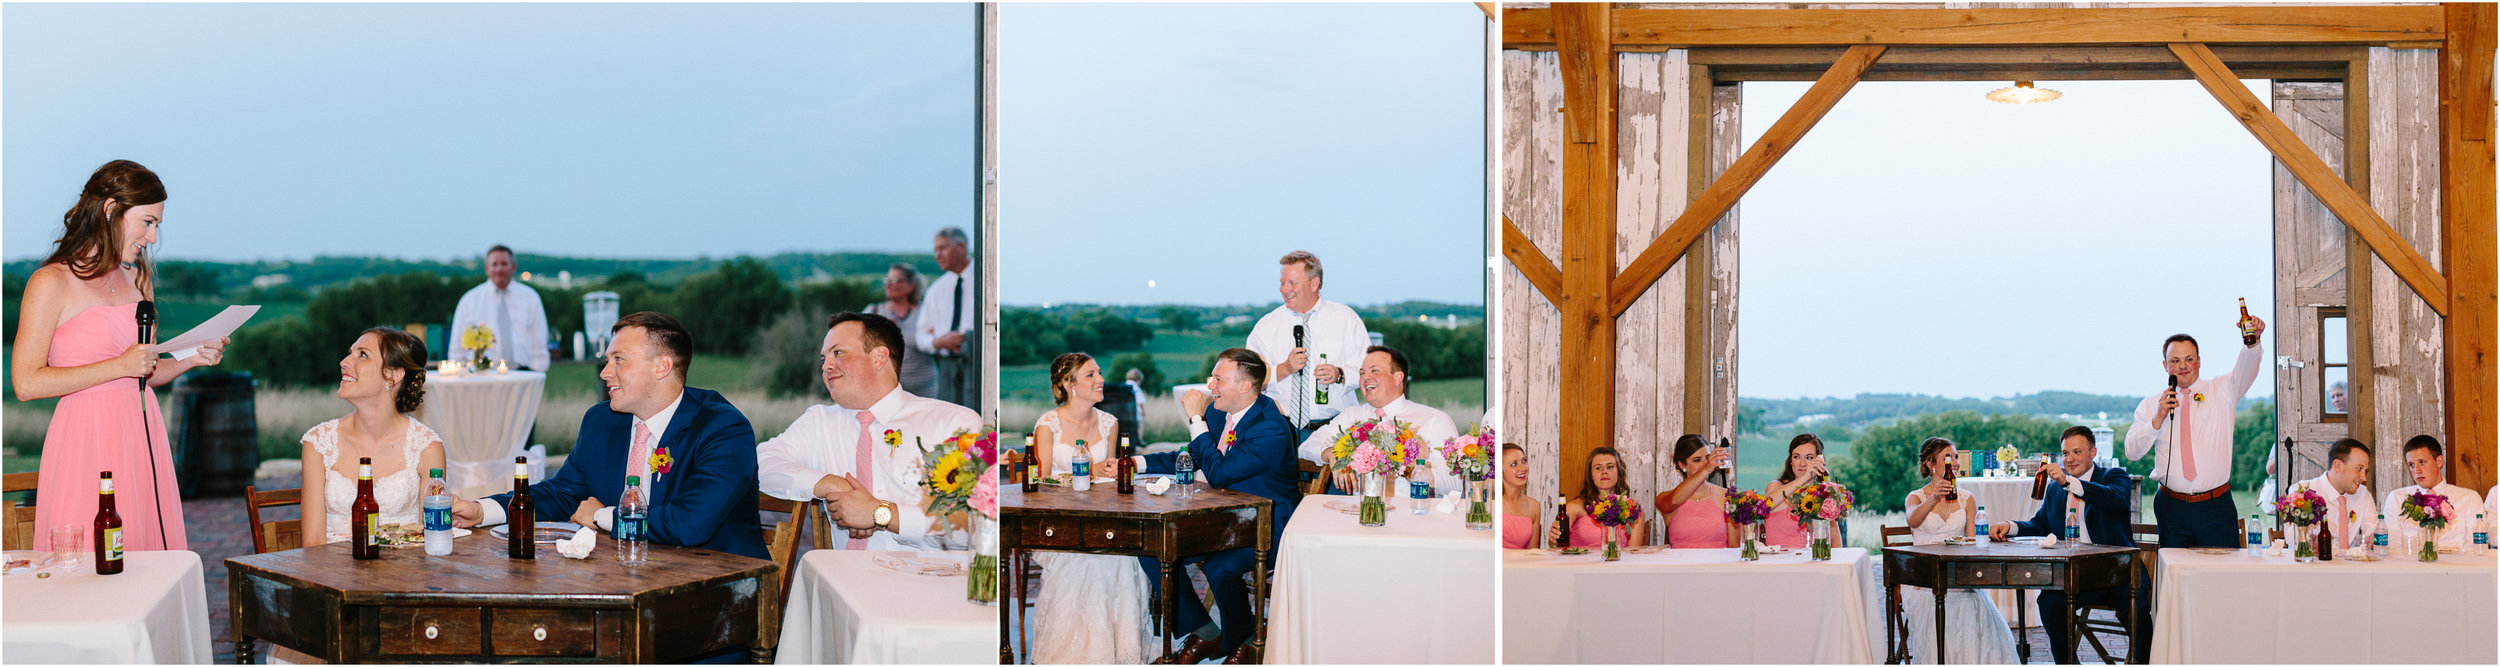 alyssa barletter photography weston missouri bright summer wedding allie and alex cole-58.jpg